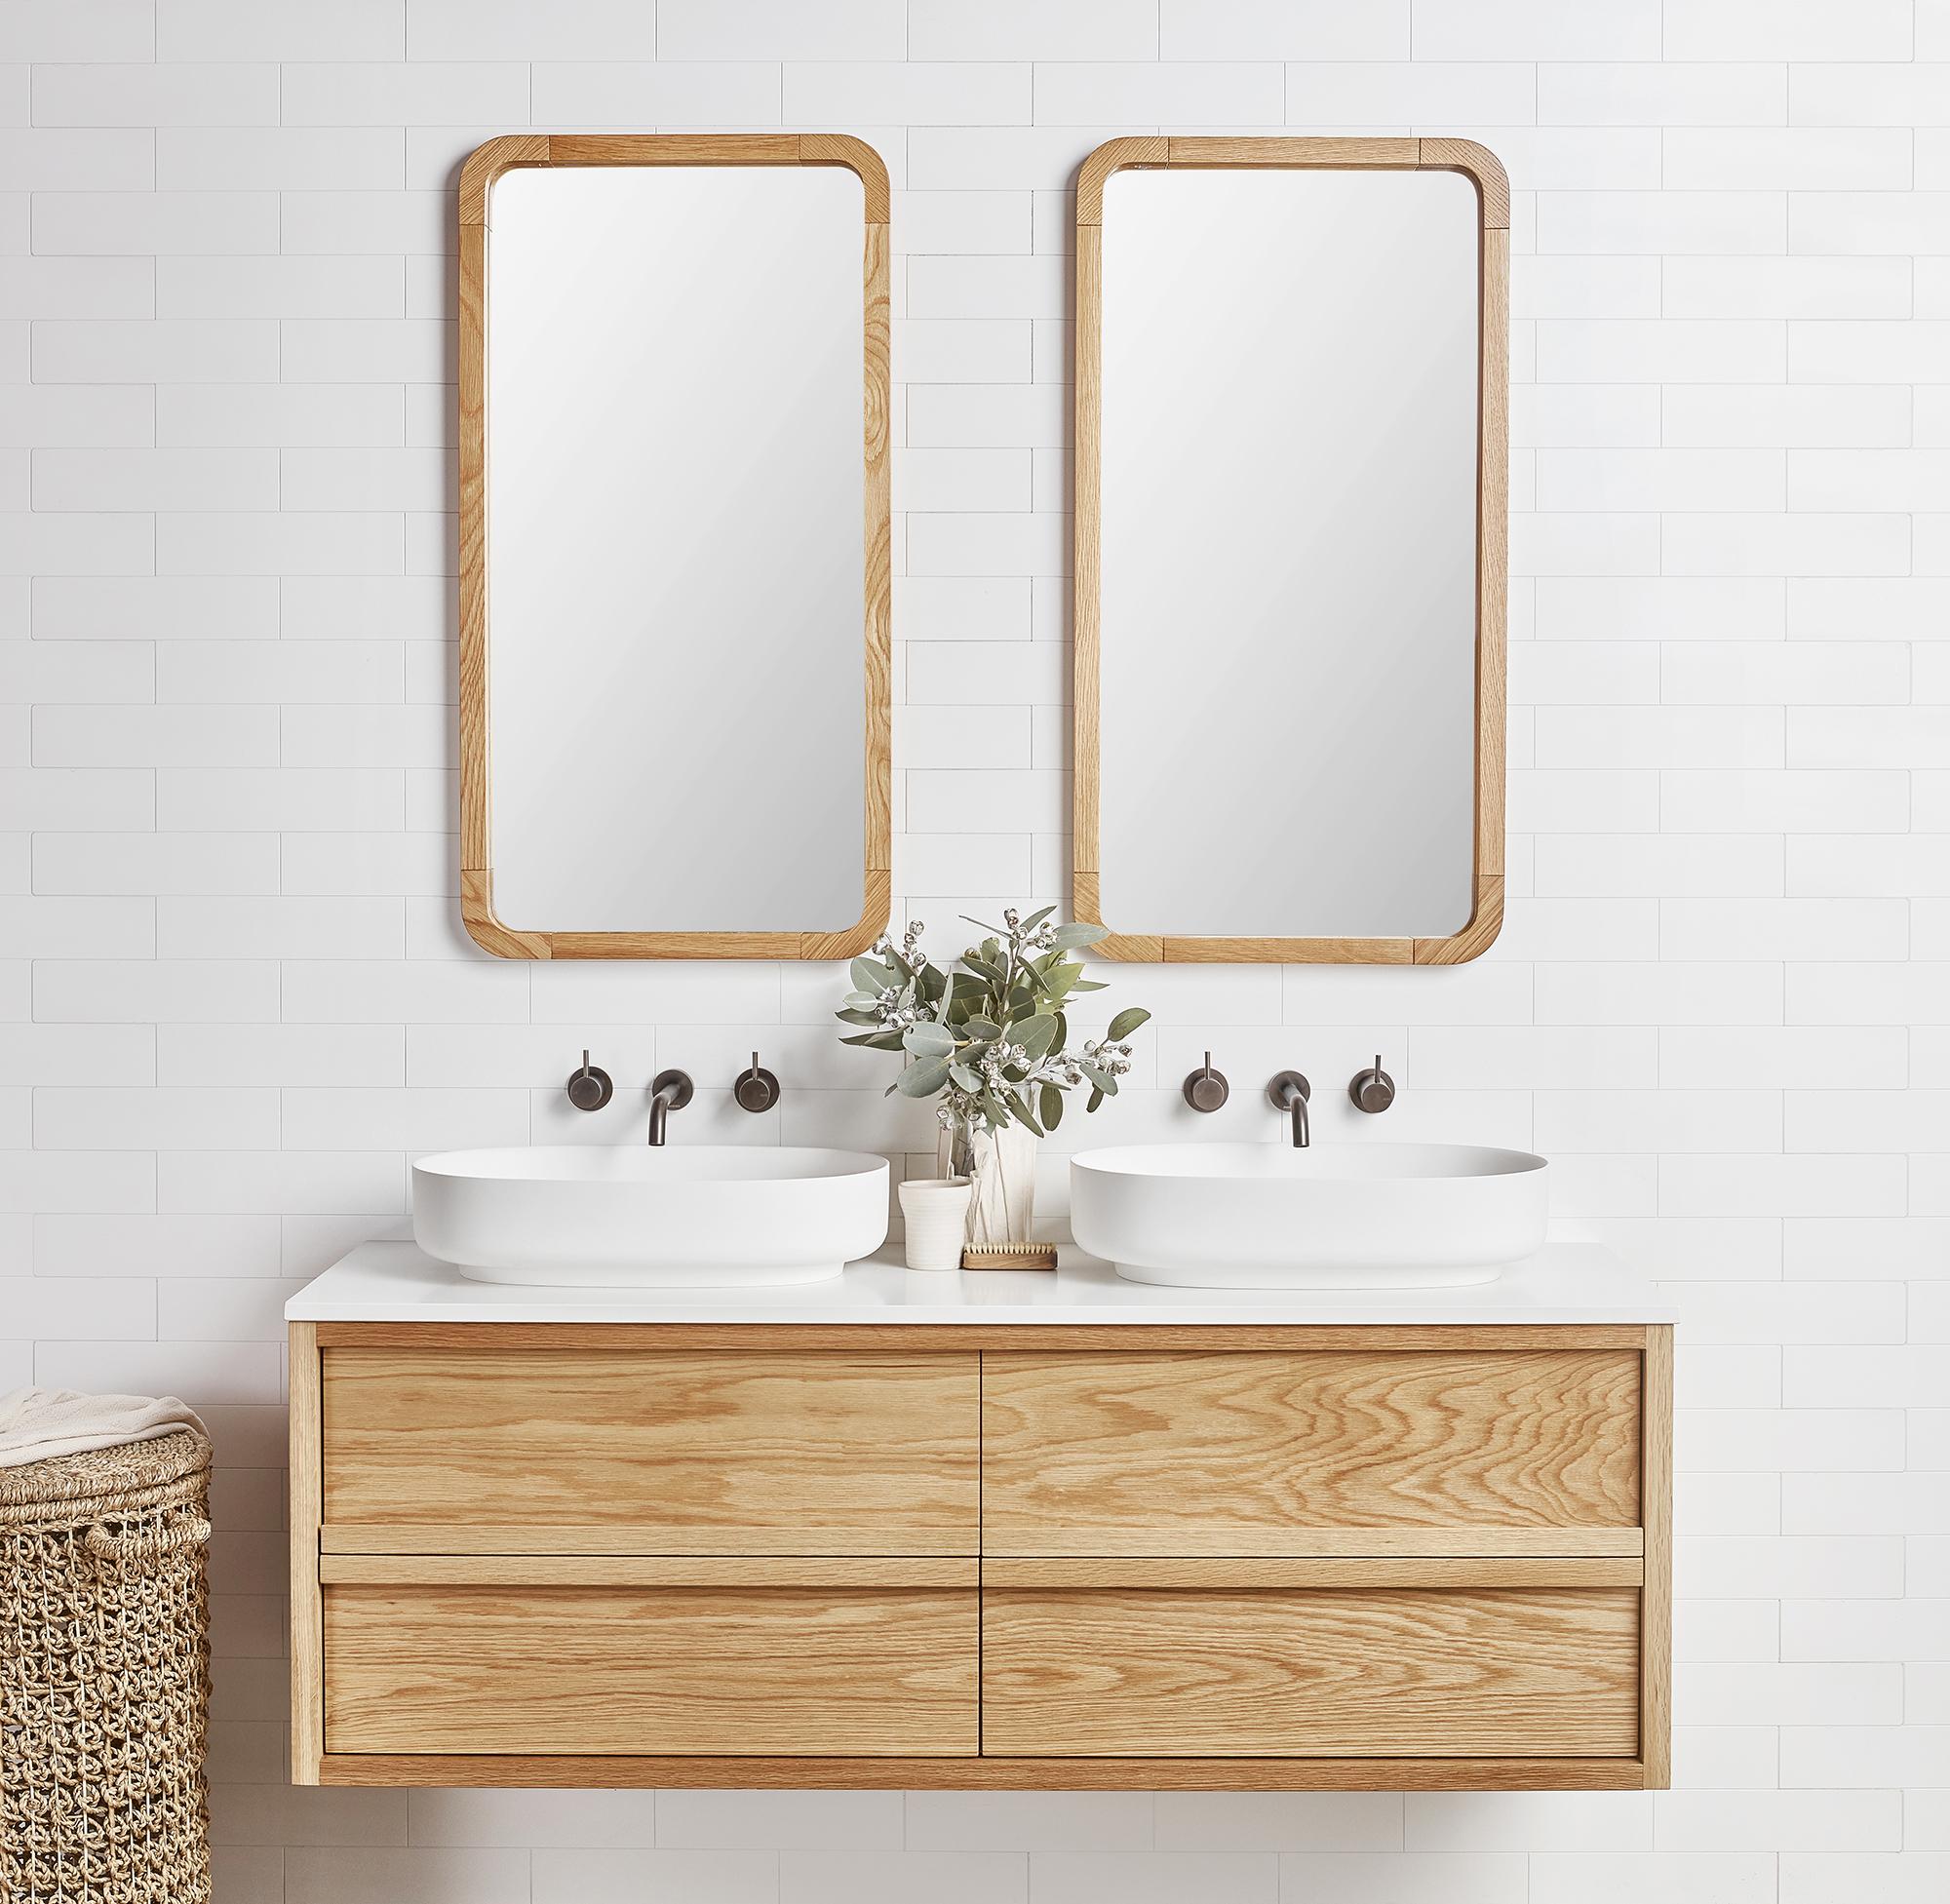 Angourie vanity